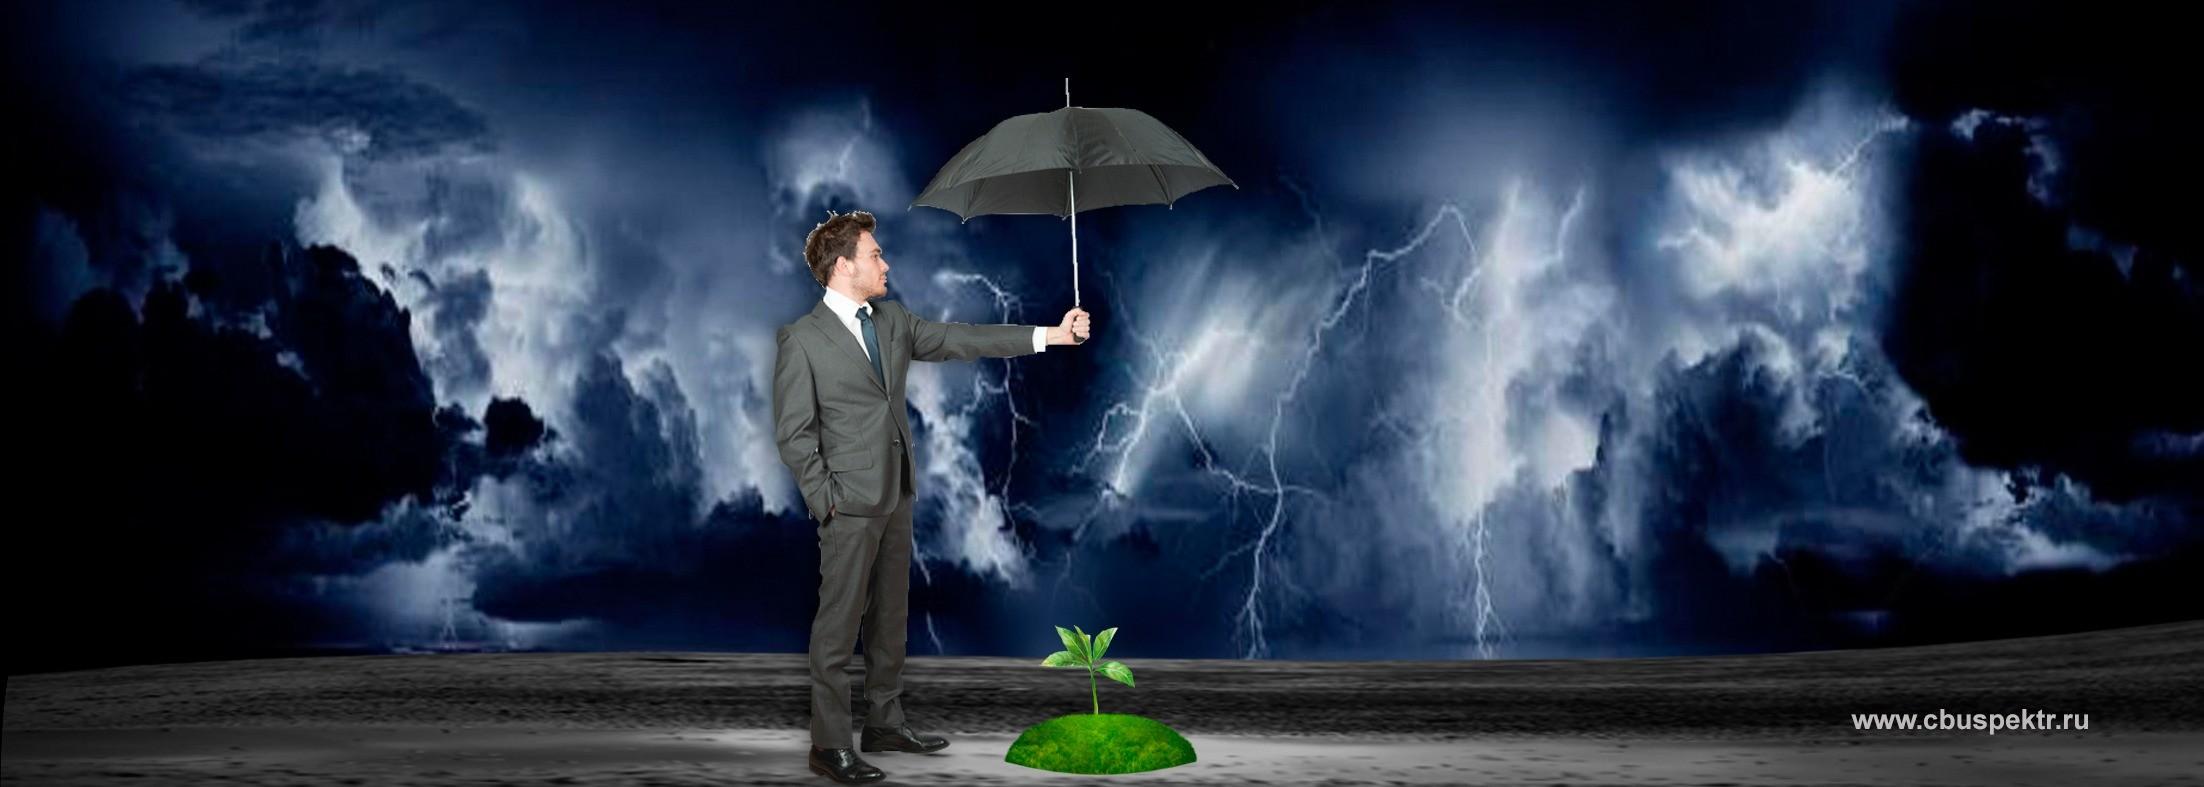 Мужчина в бурю держит зонтик над ростком